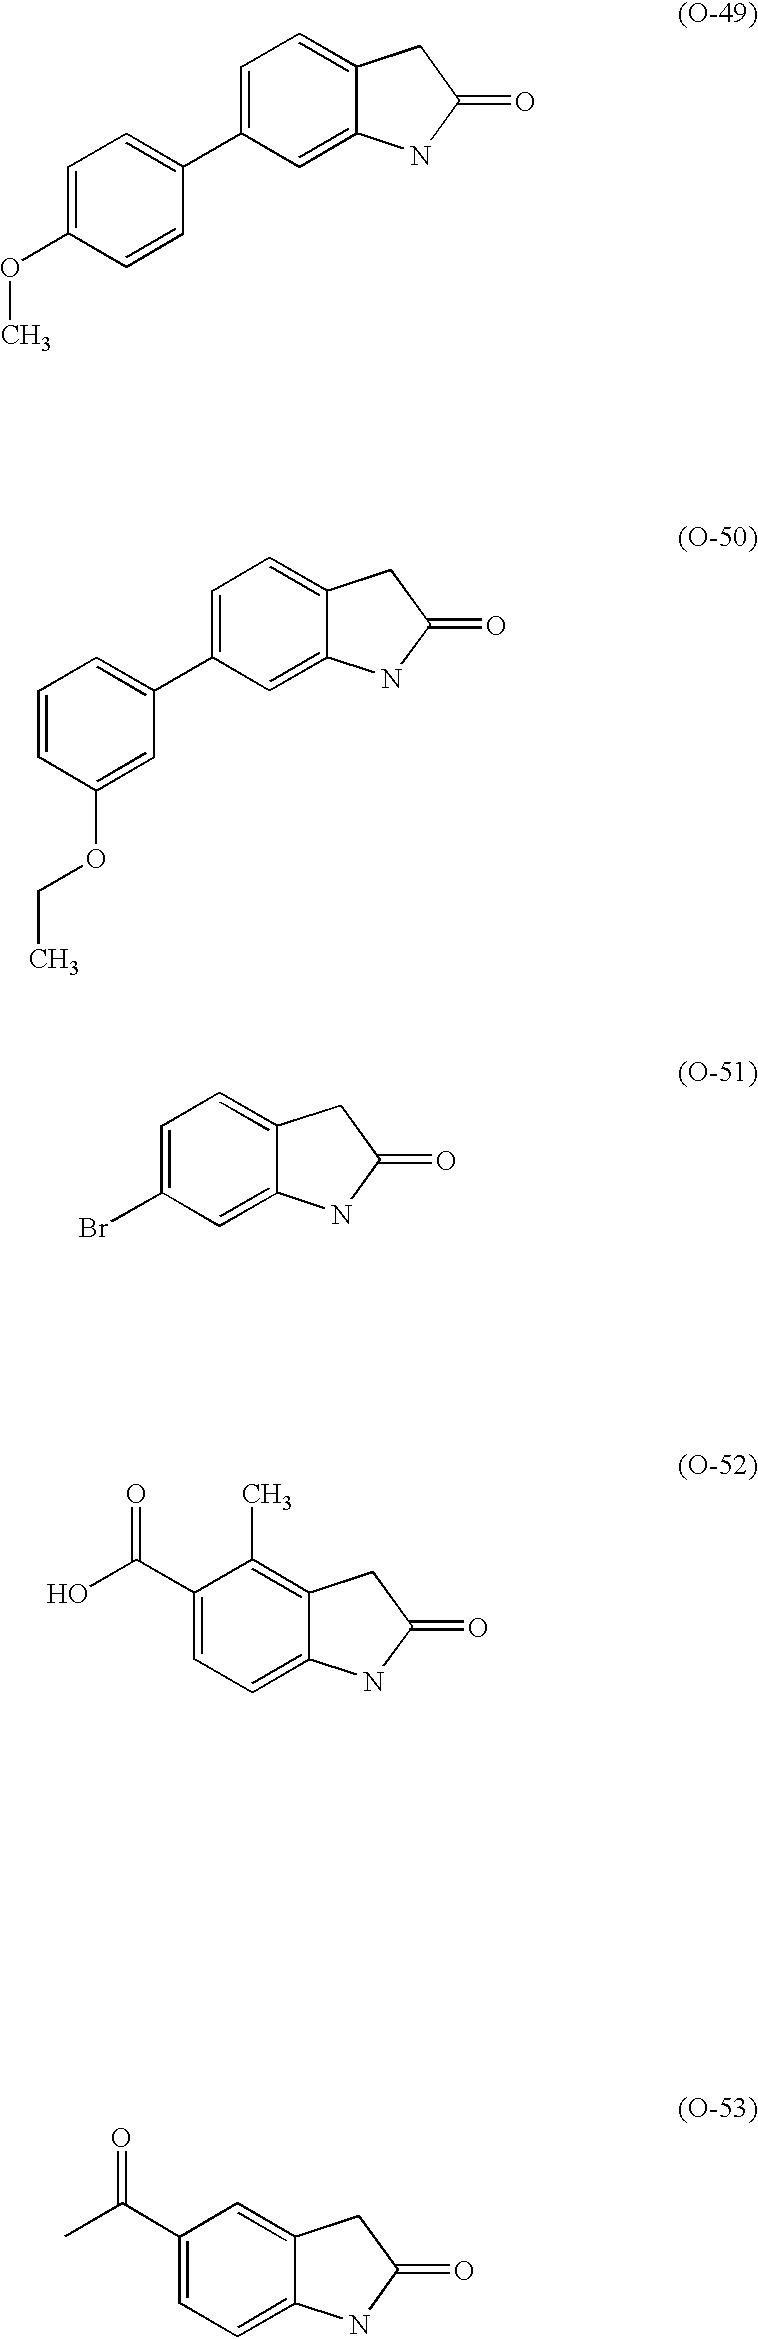 Figure US20030203901A1-20031030-C00012